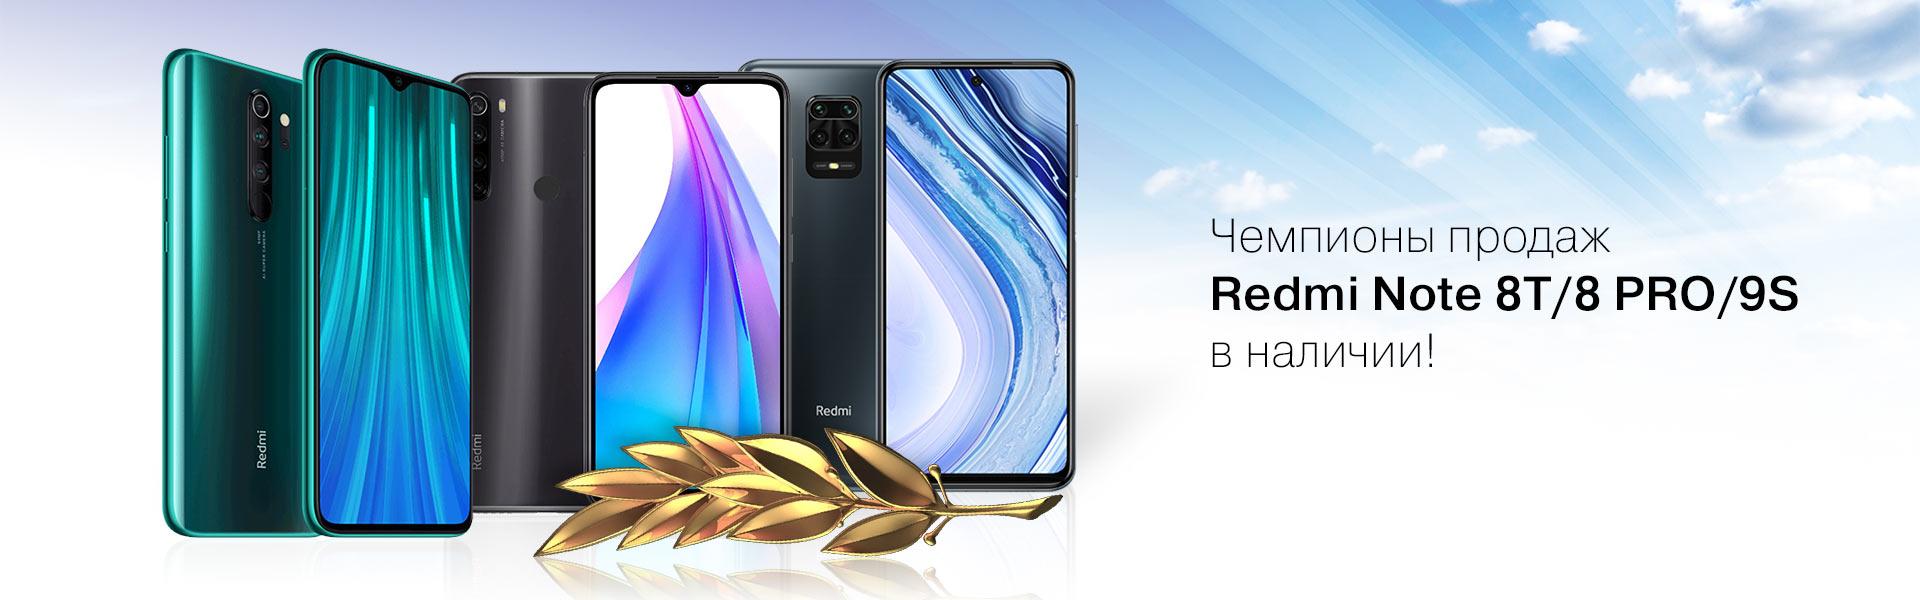 Лучшие смартфоны Xiaomi в наличии!